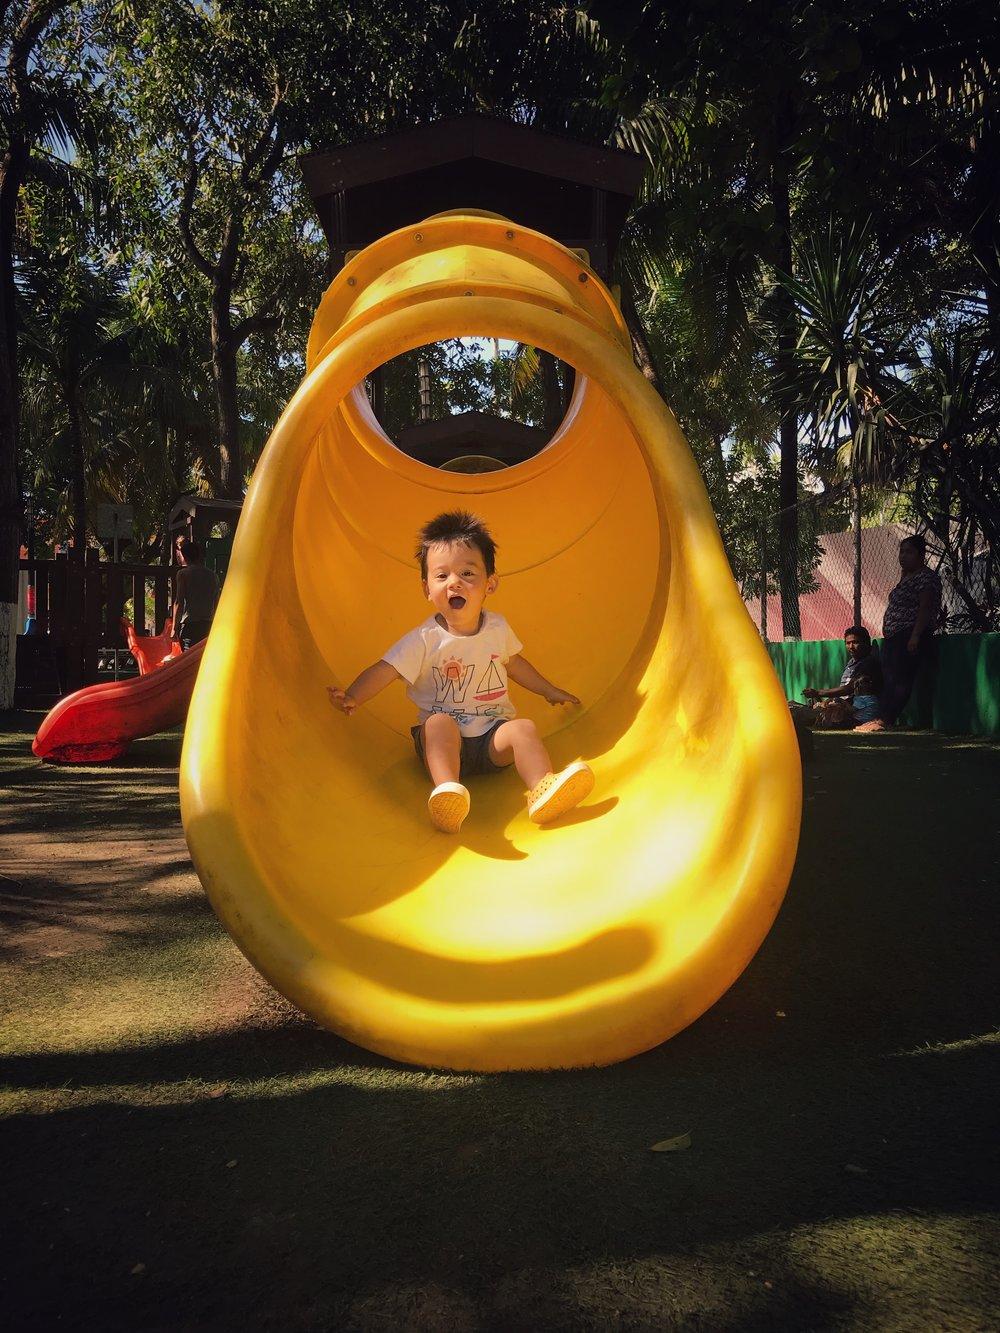 Dos Aguas Park has some excellent slides for little kids.